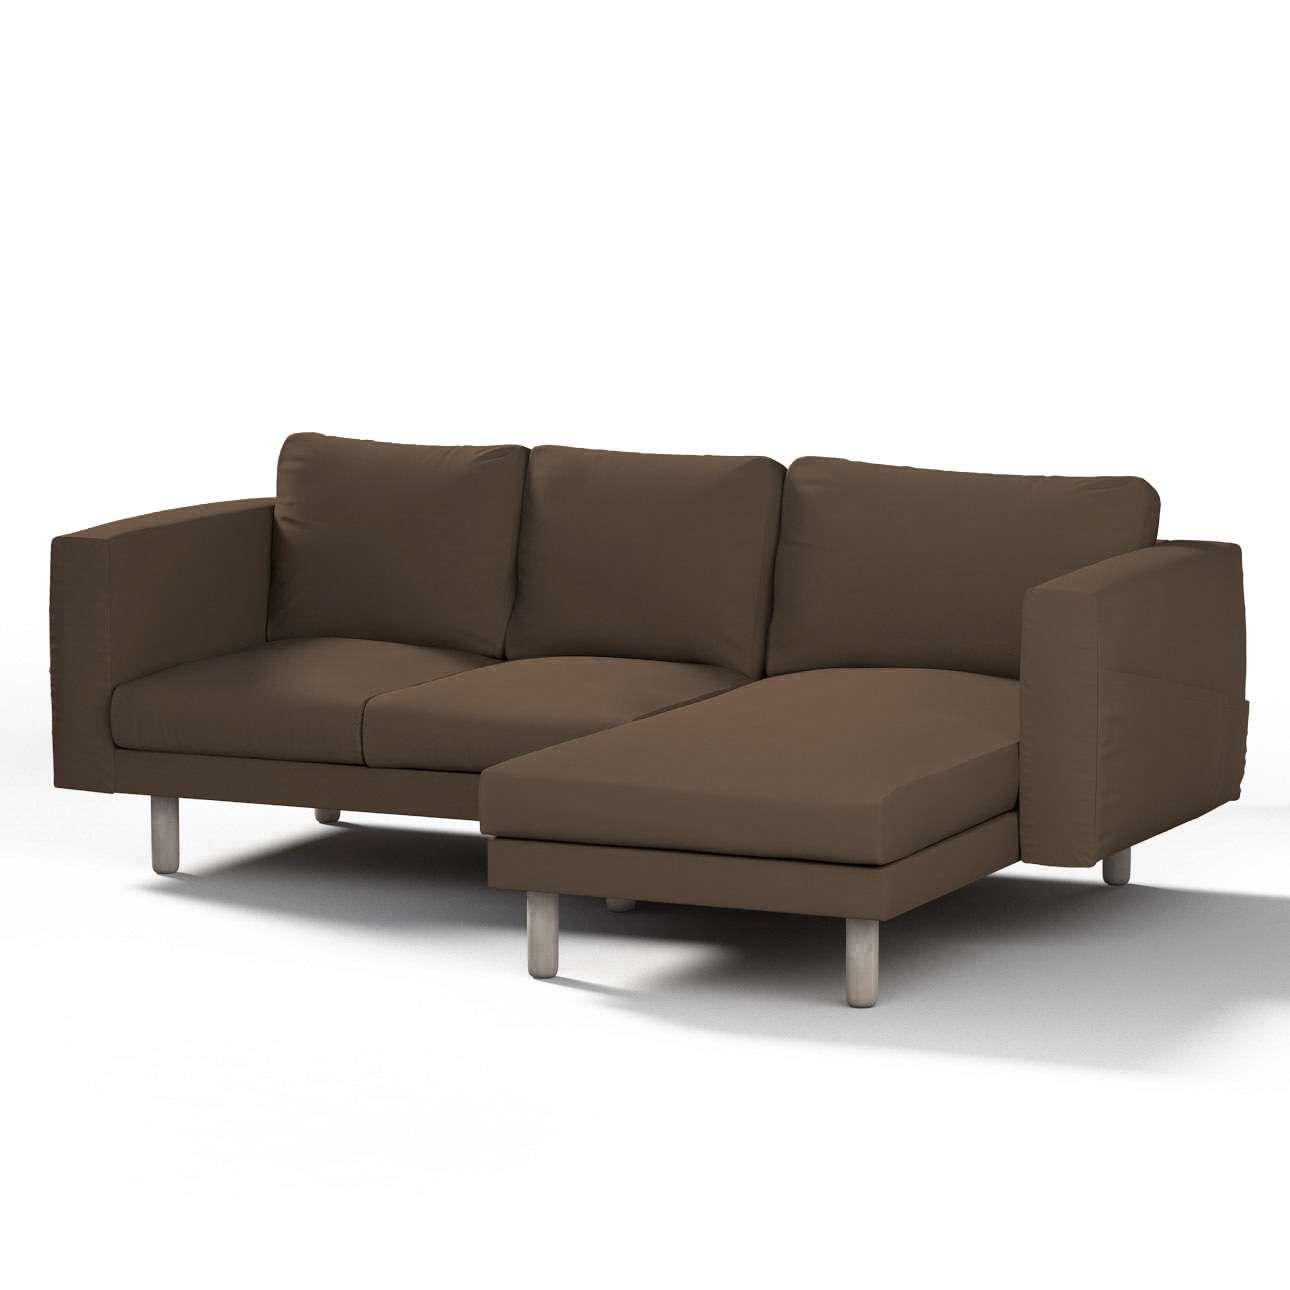 Pokrowiec na sofę Norsborg 3-osobową z szezlongiem w kolekcji Cotton Panama, tkanina: 702-02